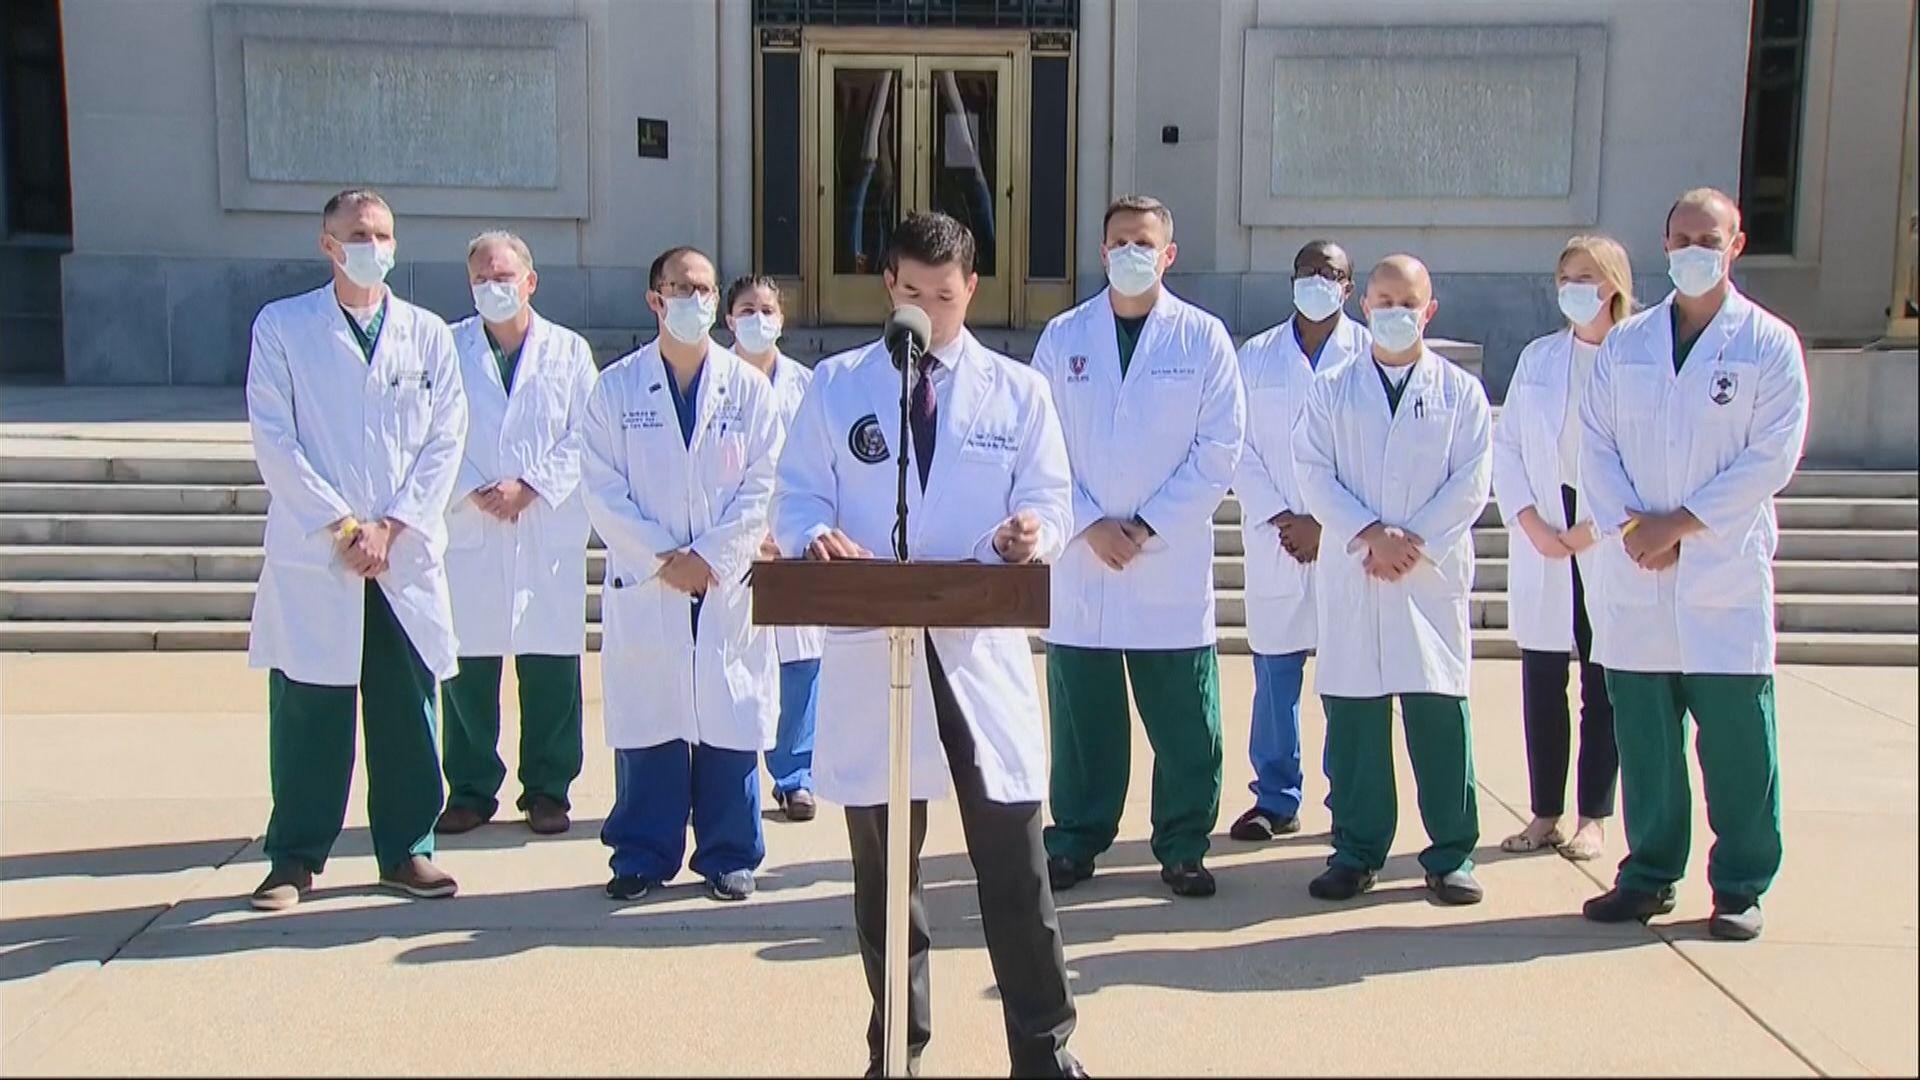 醫生團隊指特朗普情況非常好沒有再發燒